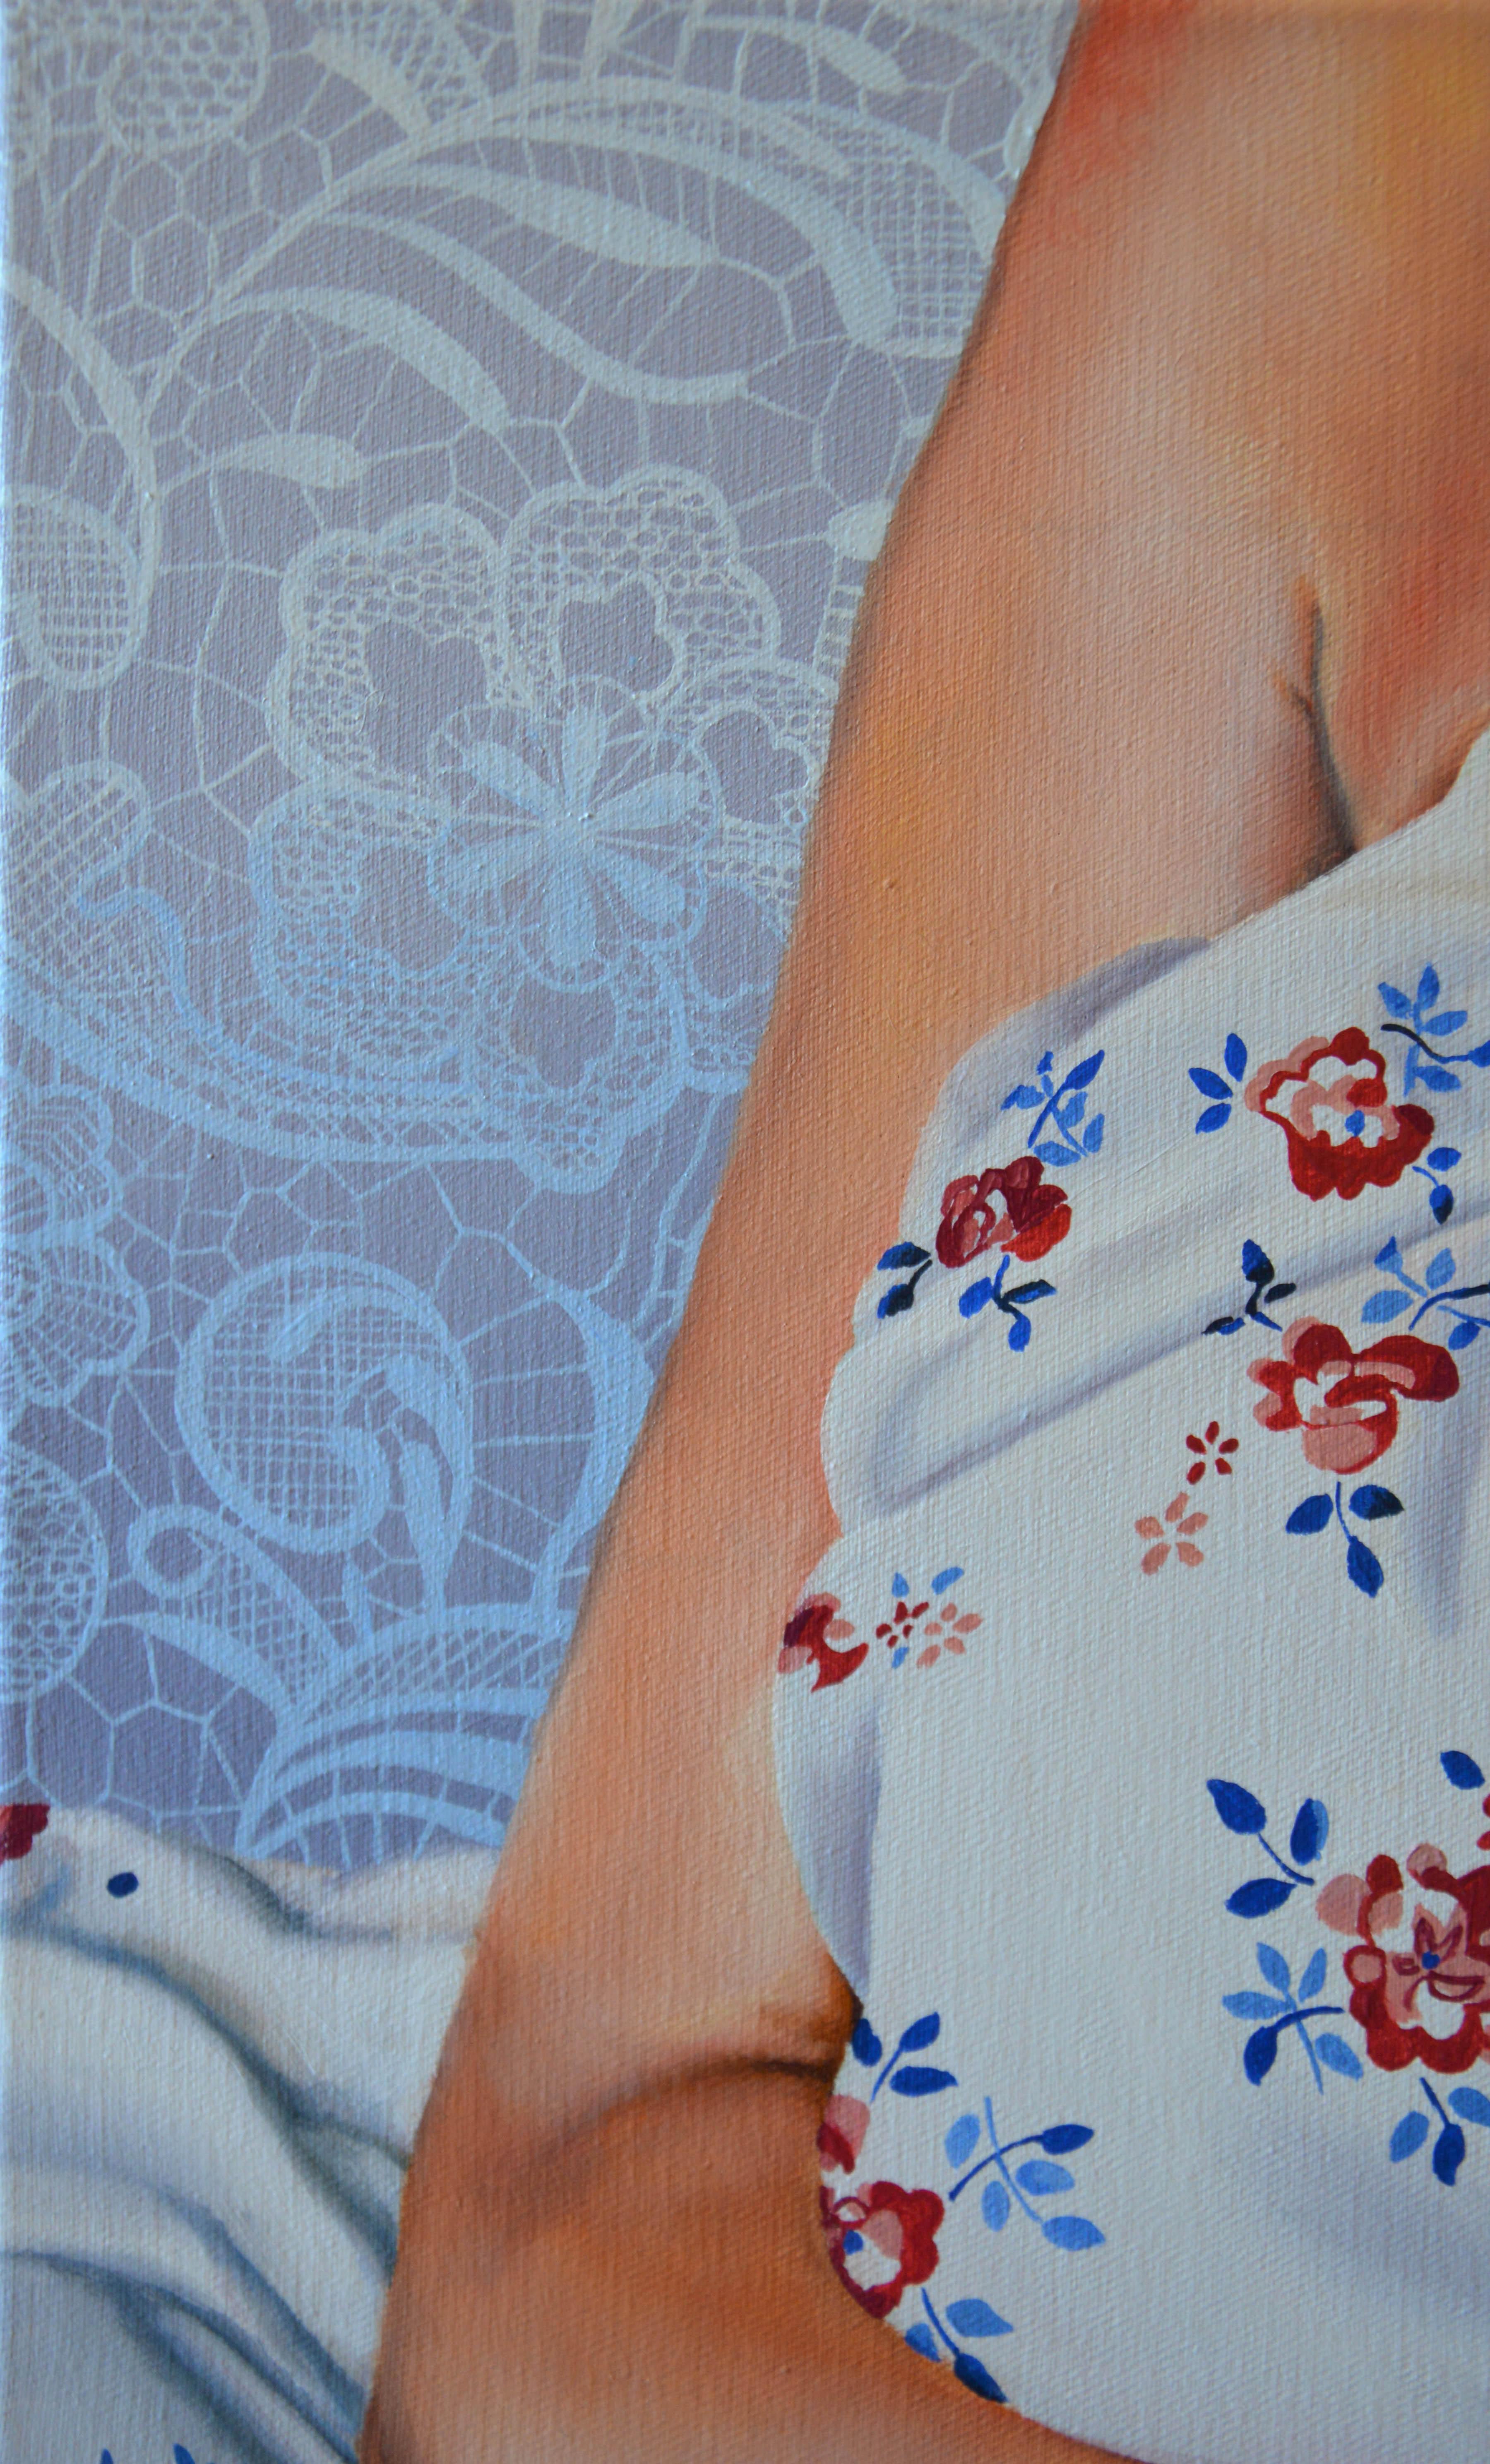 malerier, figurative, portræt, kroppe, mønstre, seksualitet, tekstiler, blå, pastel, pink, røde, hvide,  bomuldslærred, olie, samtidskunst, dekorative, kvindelig, feminist, interiør, bolig-indretning, moderne, moderne-kunst, romantiske, seksuel, kvinder, Køb original kunst og kunstplakater. Malerier, tegninger, limited edition kunsttryk & plakater af dygtige kunstnere.